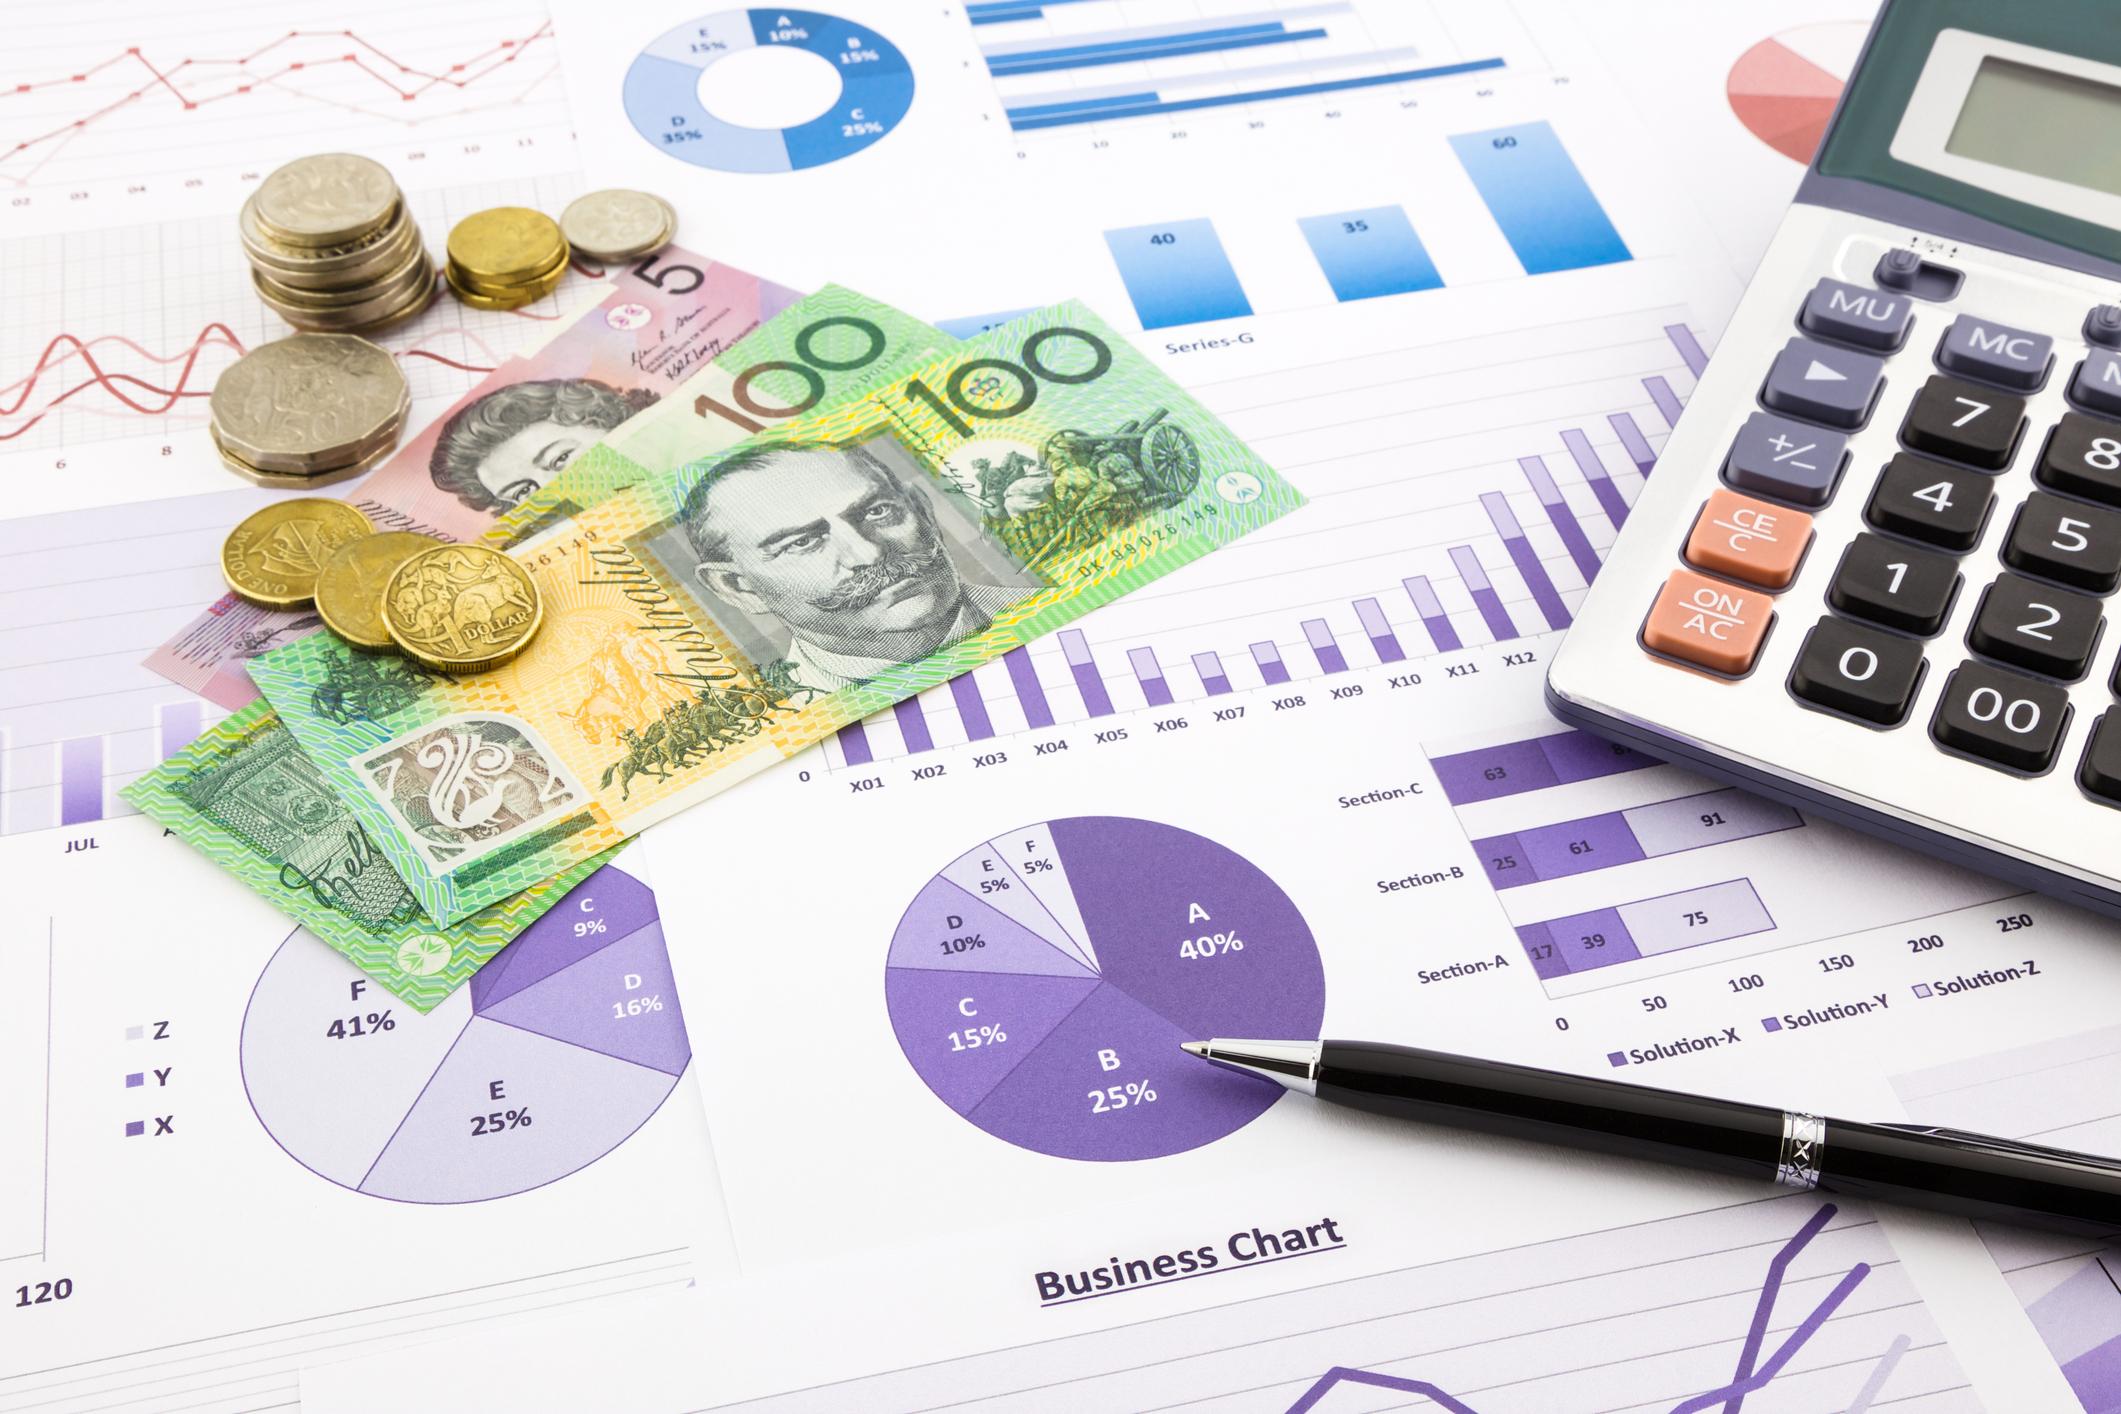 【ワーホリで貯金】オーストラリアのワーホリ3ヶ月で100万円貯金できた話